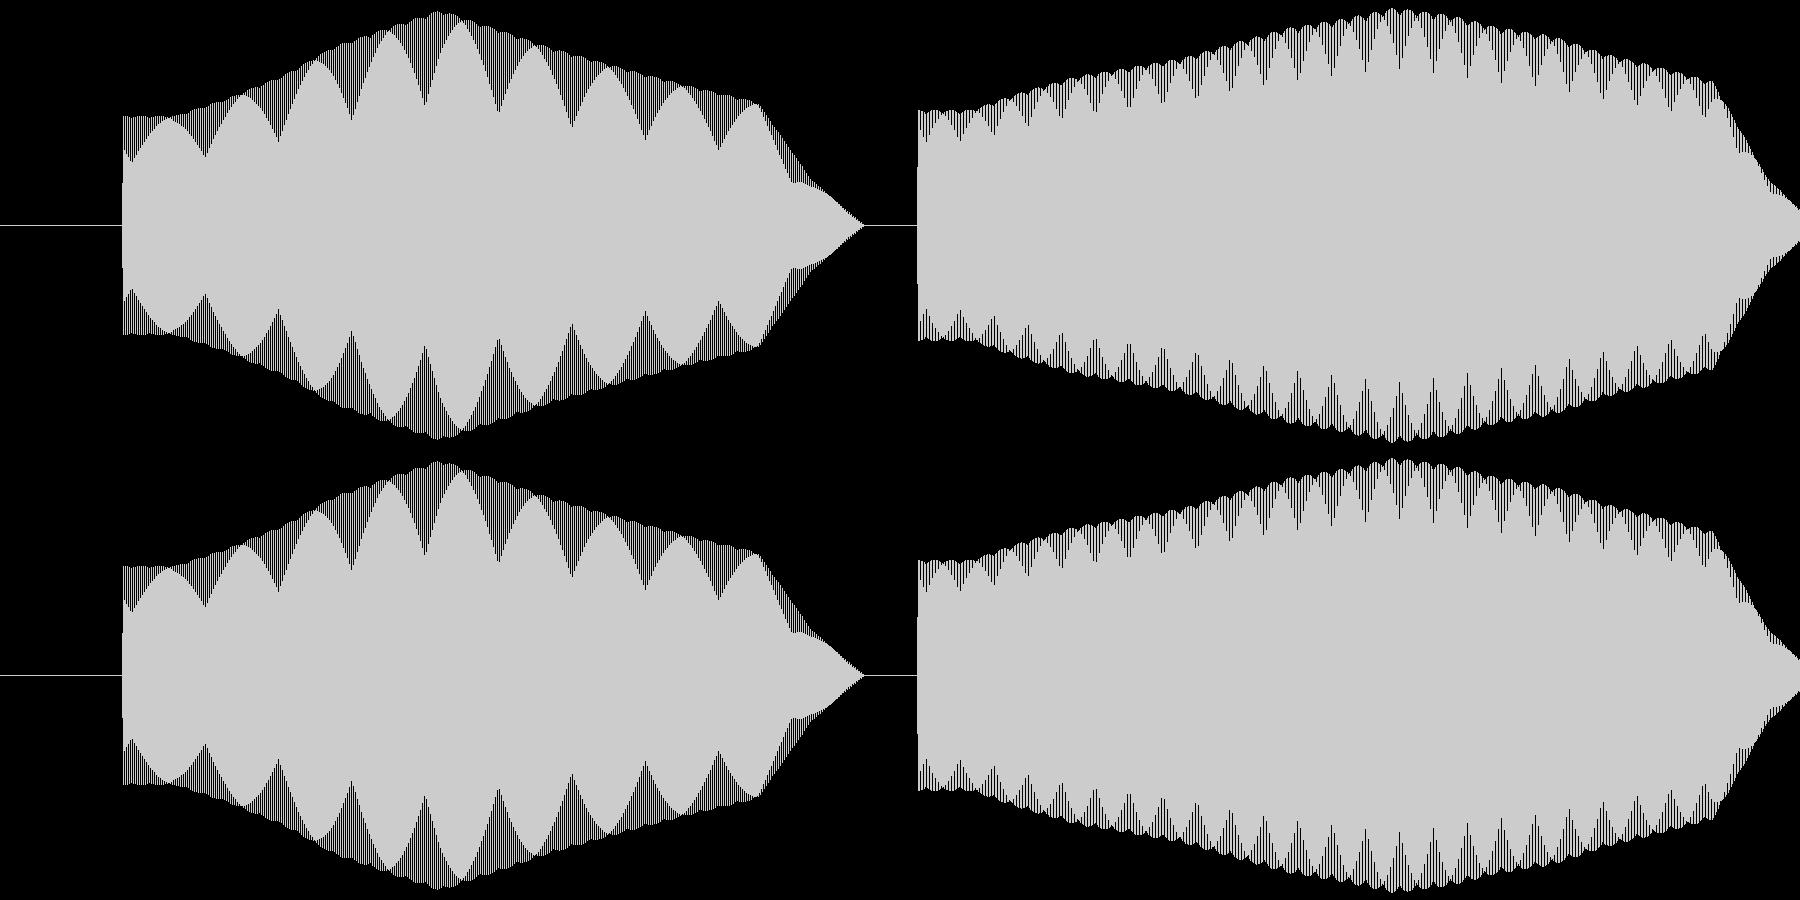 ピリッ (レトロRPG風)の未再生の波形